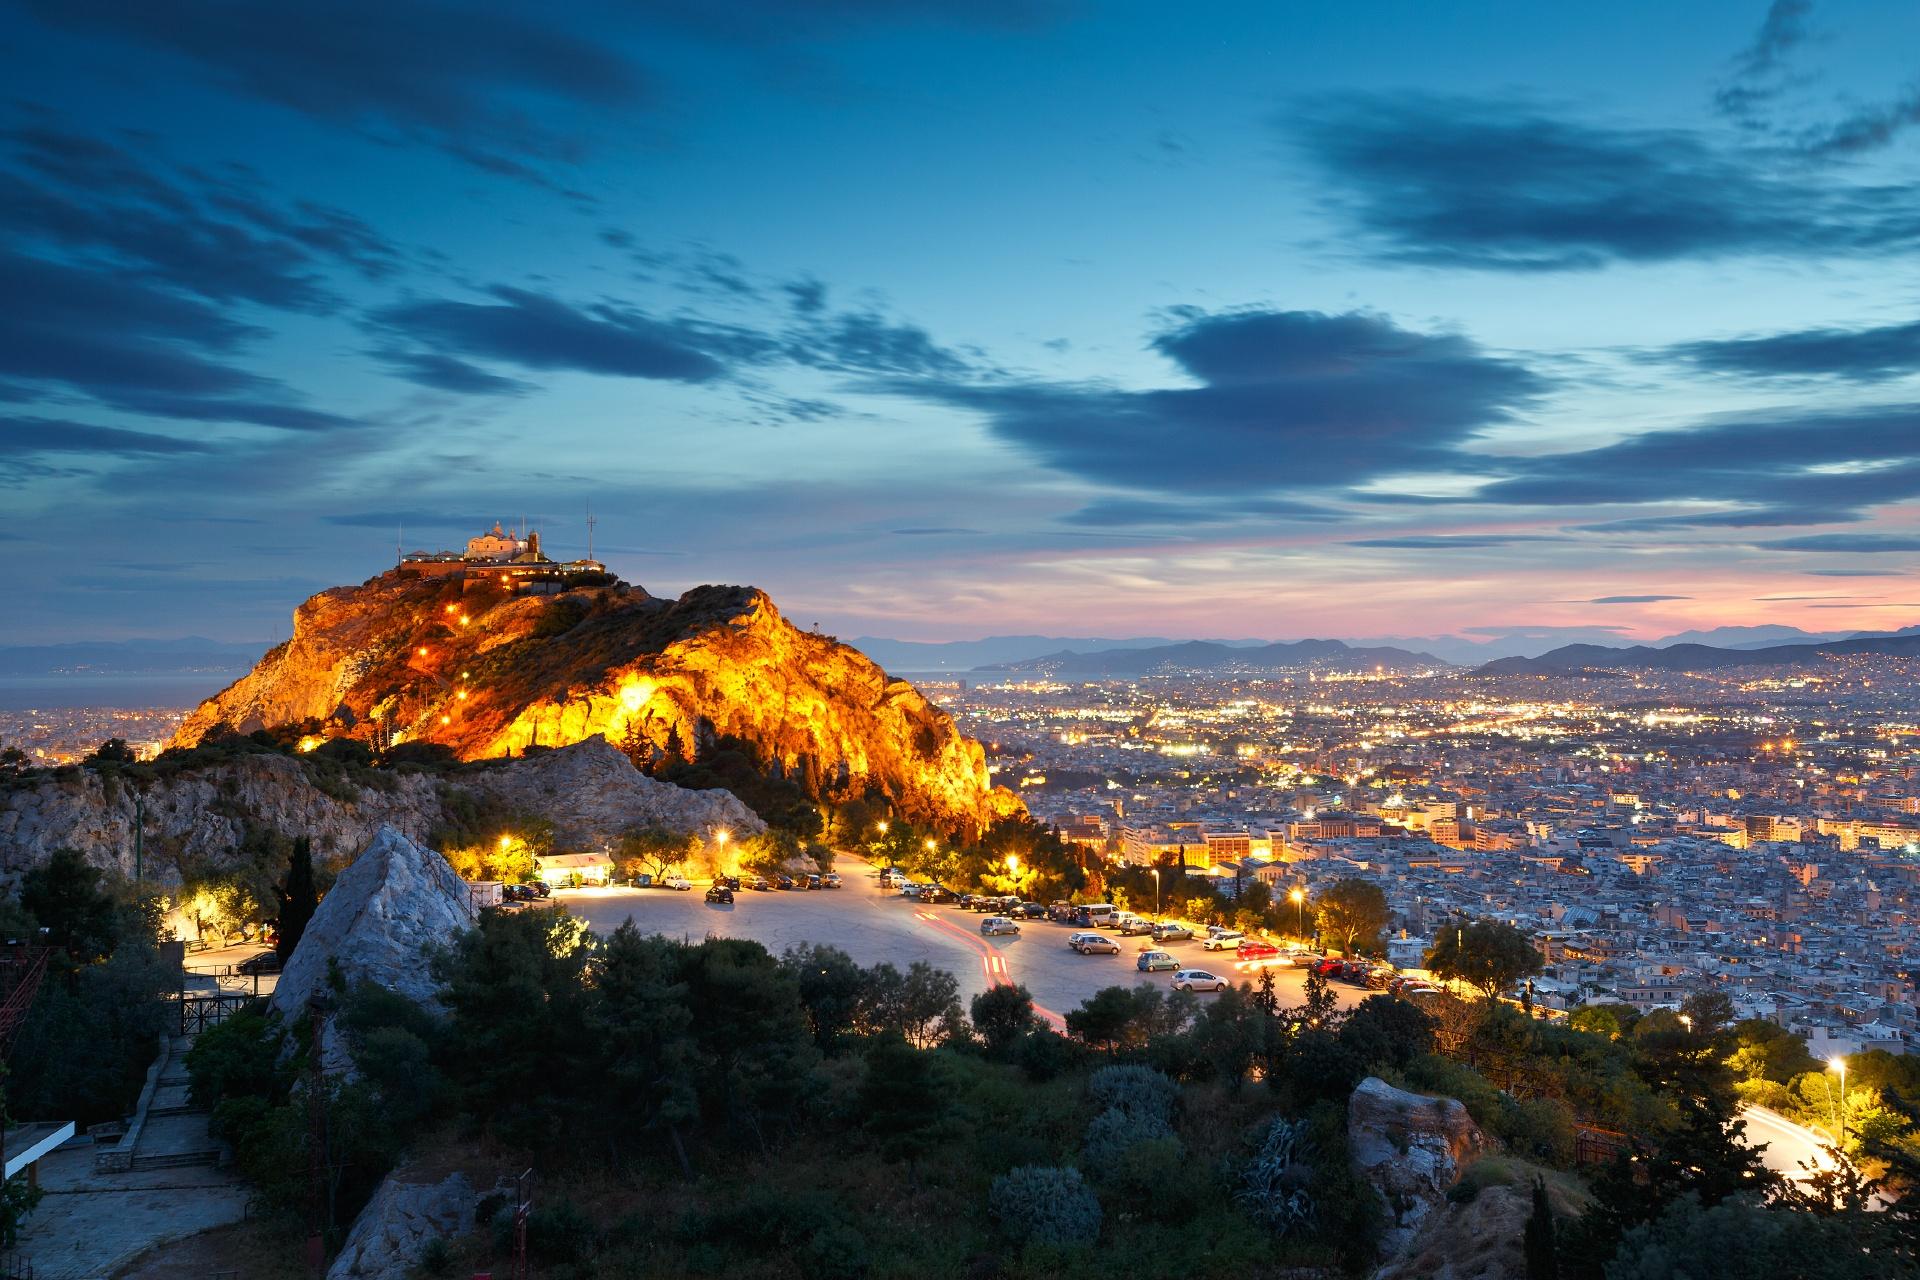 夕暮れのアテネの町 ギリシャの風景